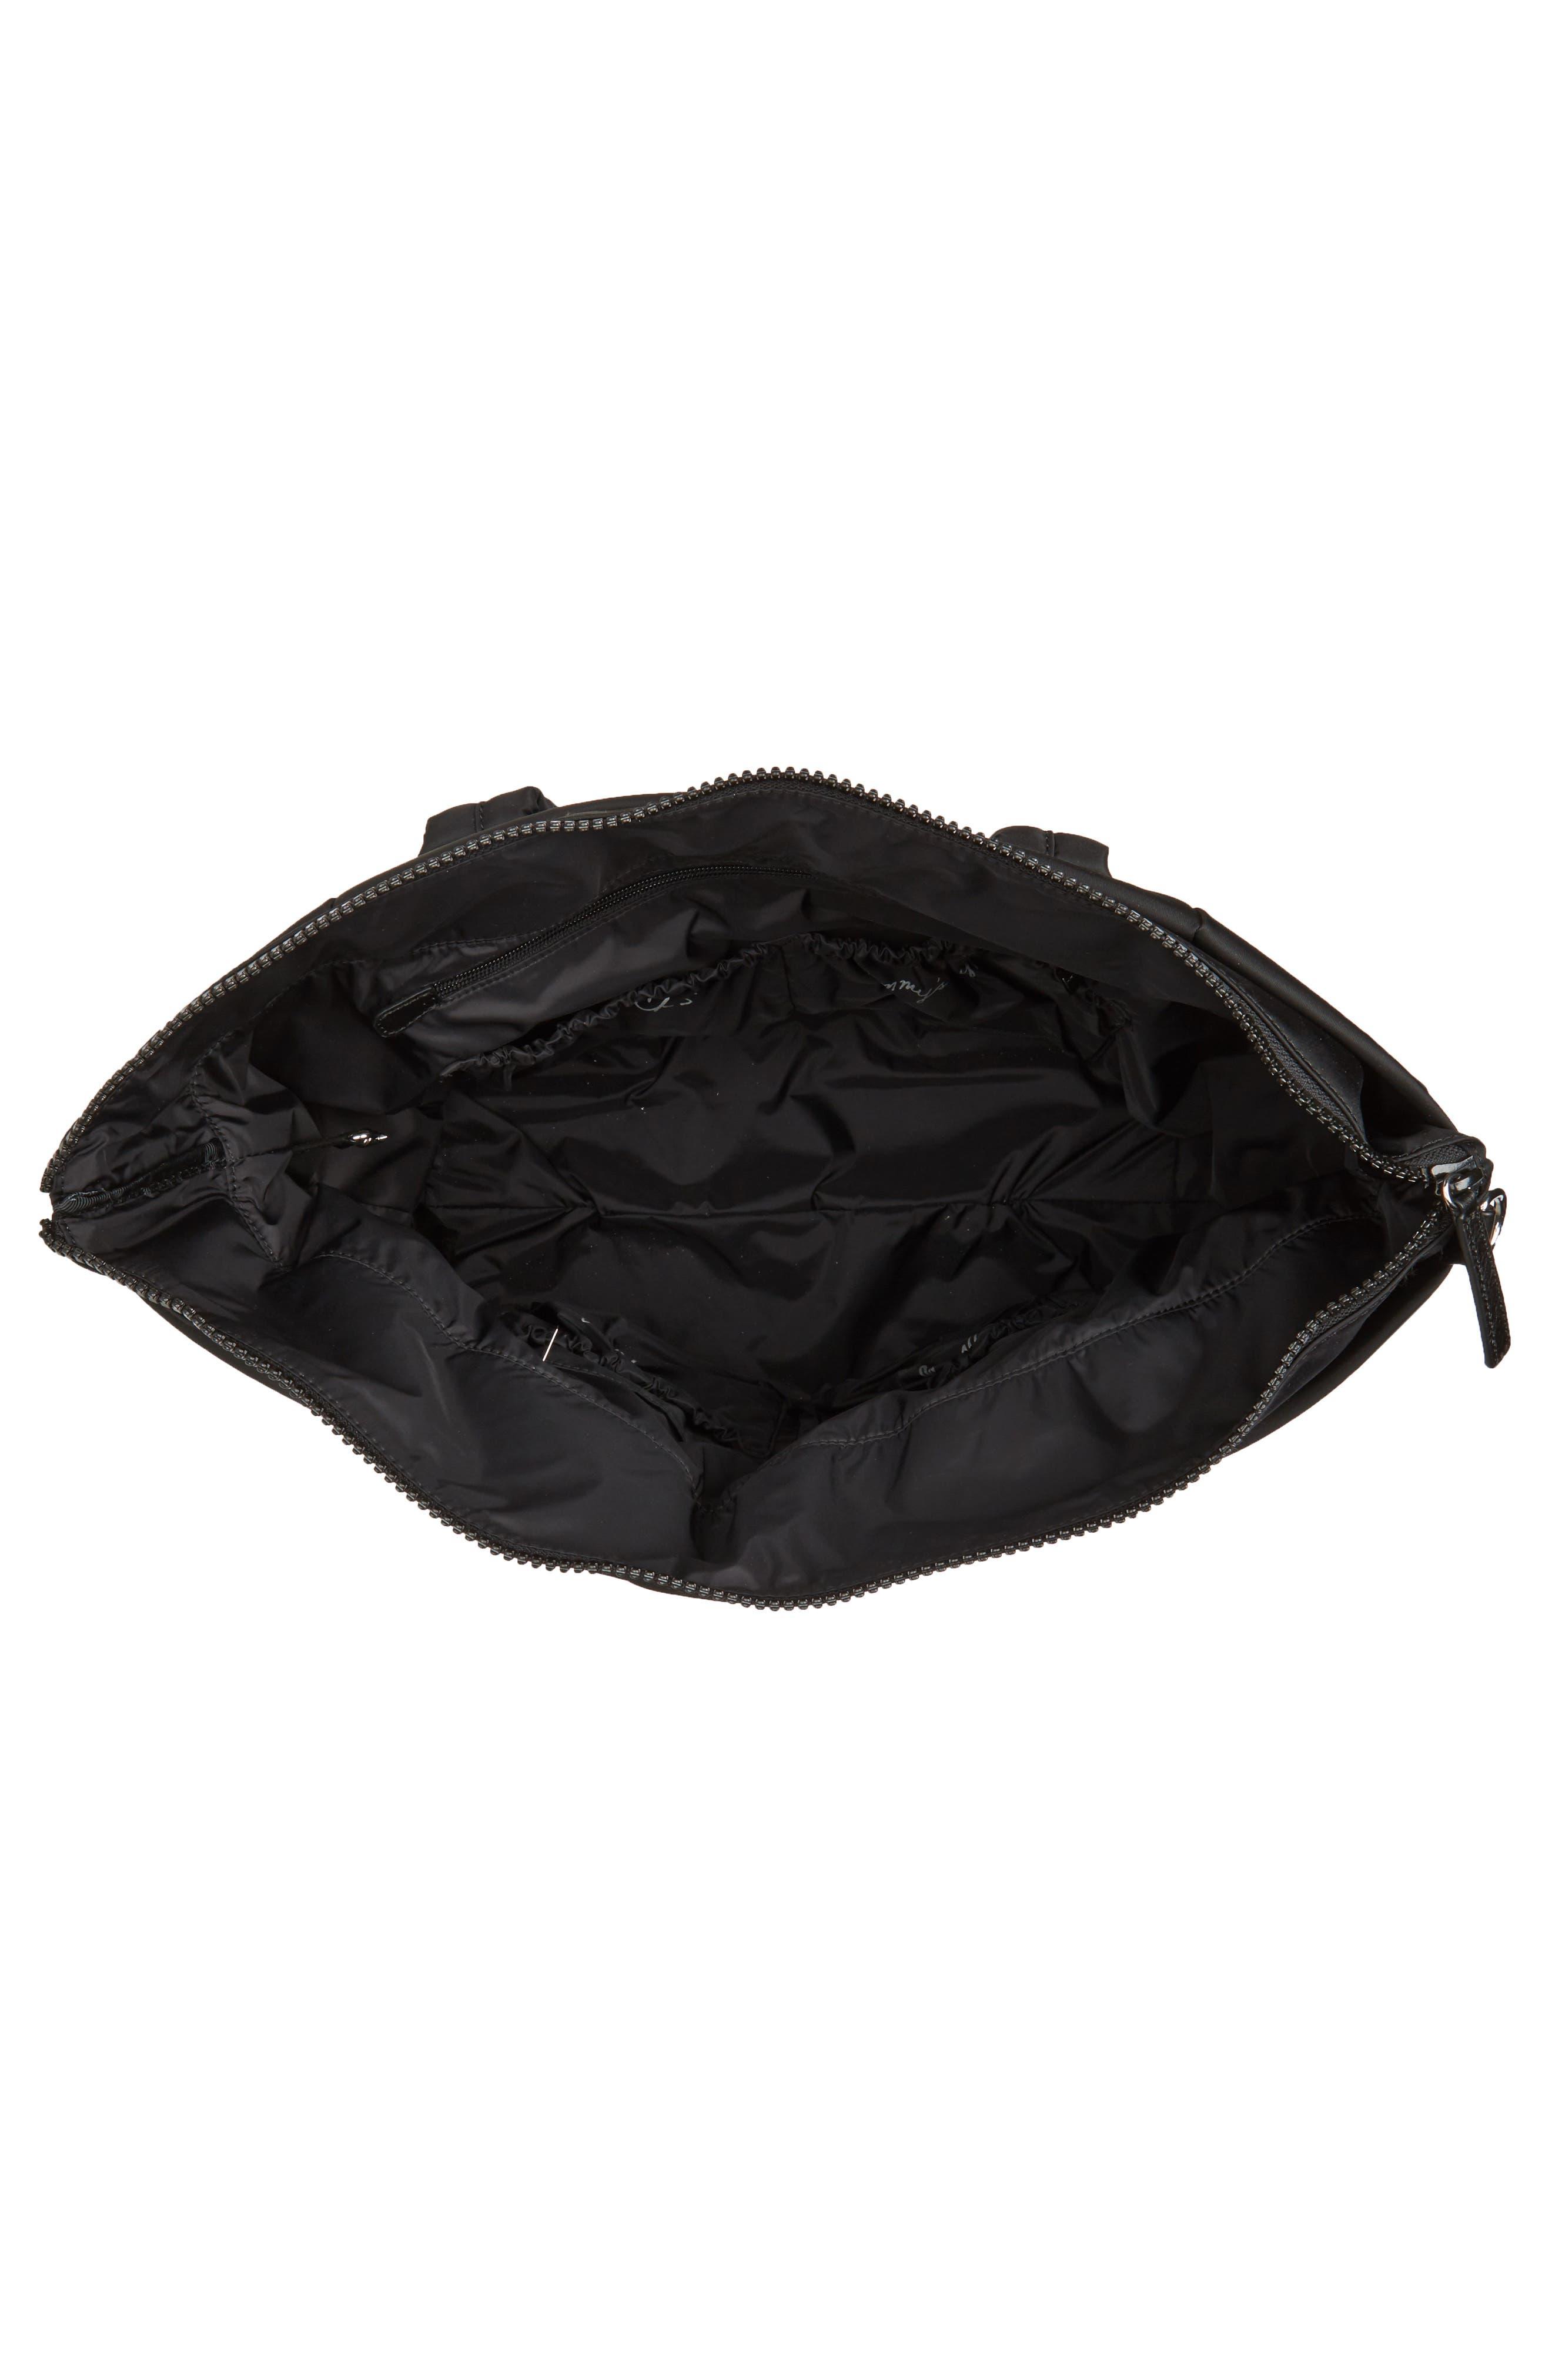 Ellie Nylon Diaper Bag,                             Alternate thumbnail 4, color,                             001